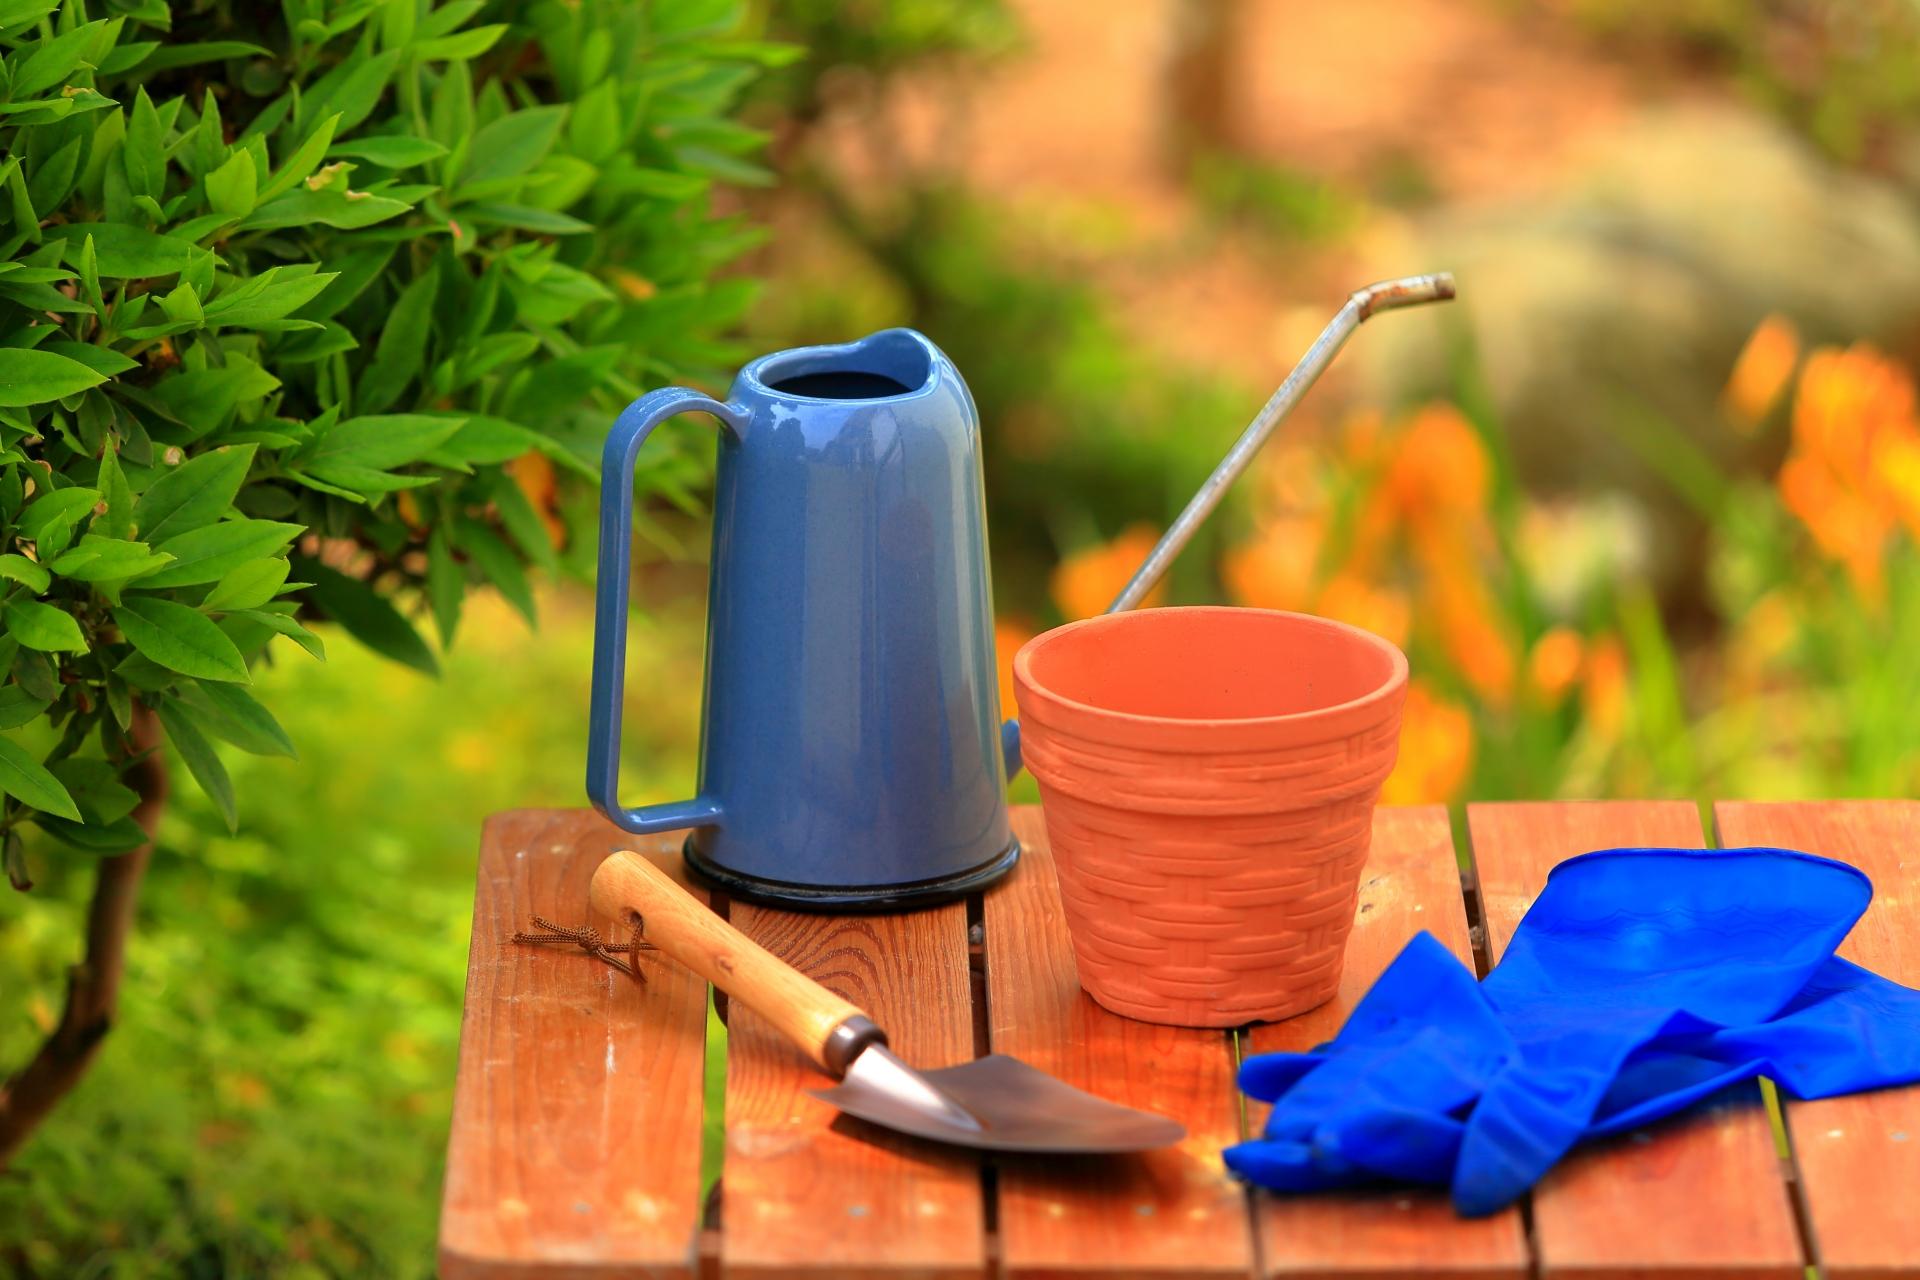 ガーデニングをする時に必要な園芸用品セット